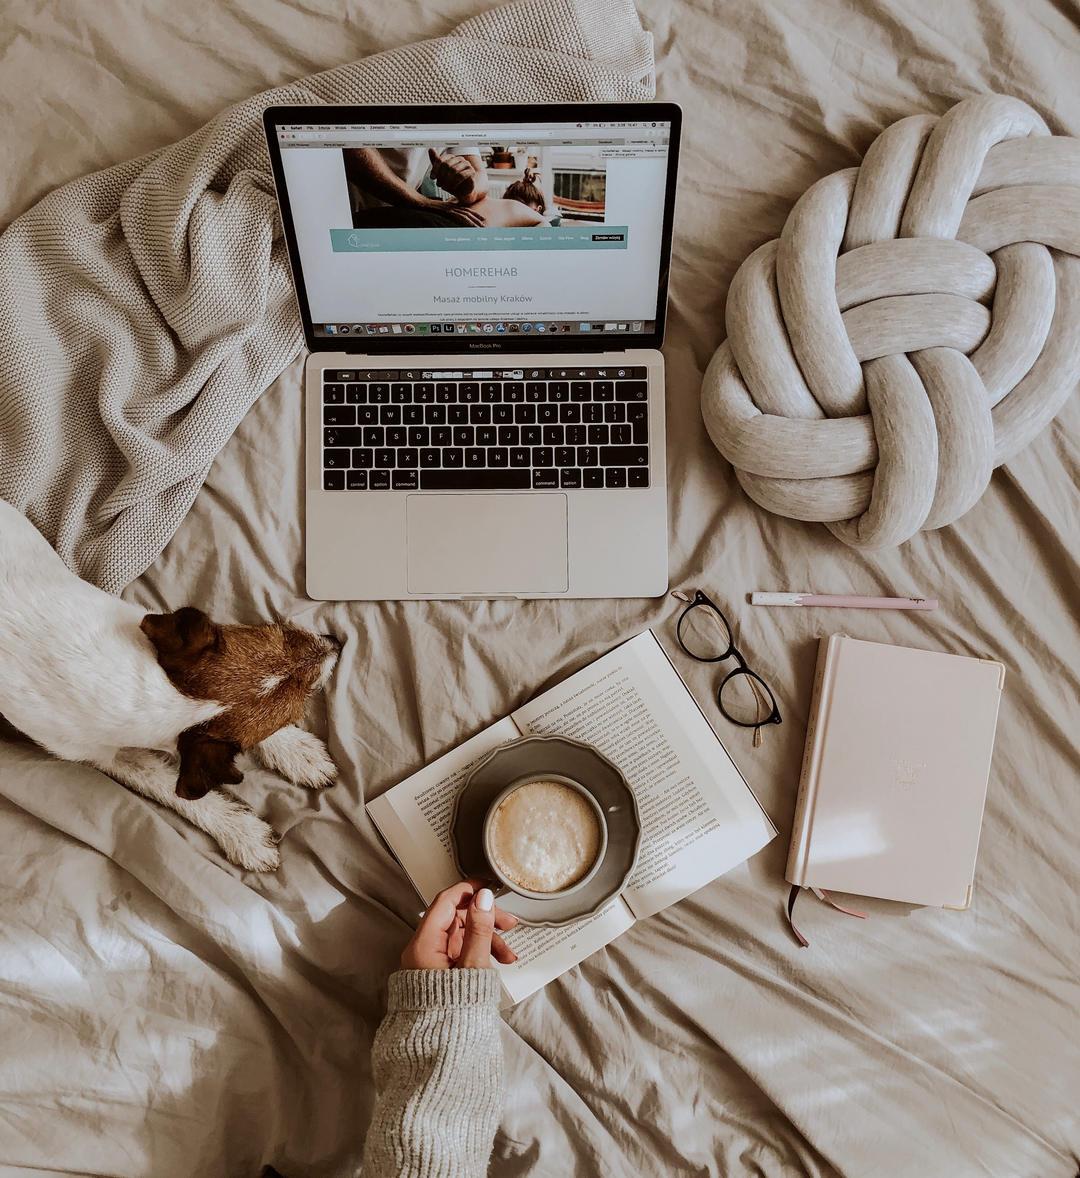 Strona HomeRehab na ekranie laptopa. W otoczeniu znajdują się pies, kawa, książka, okulary.